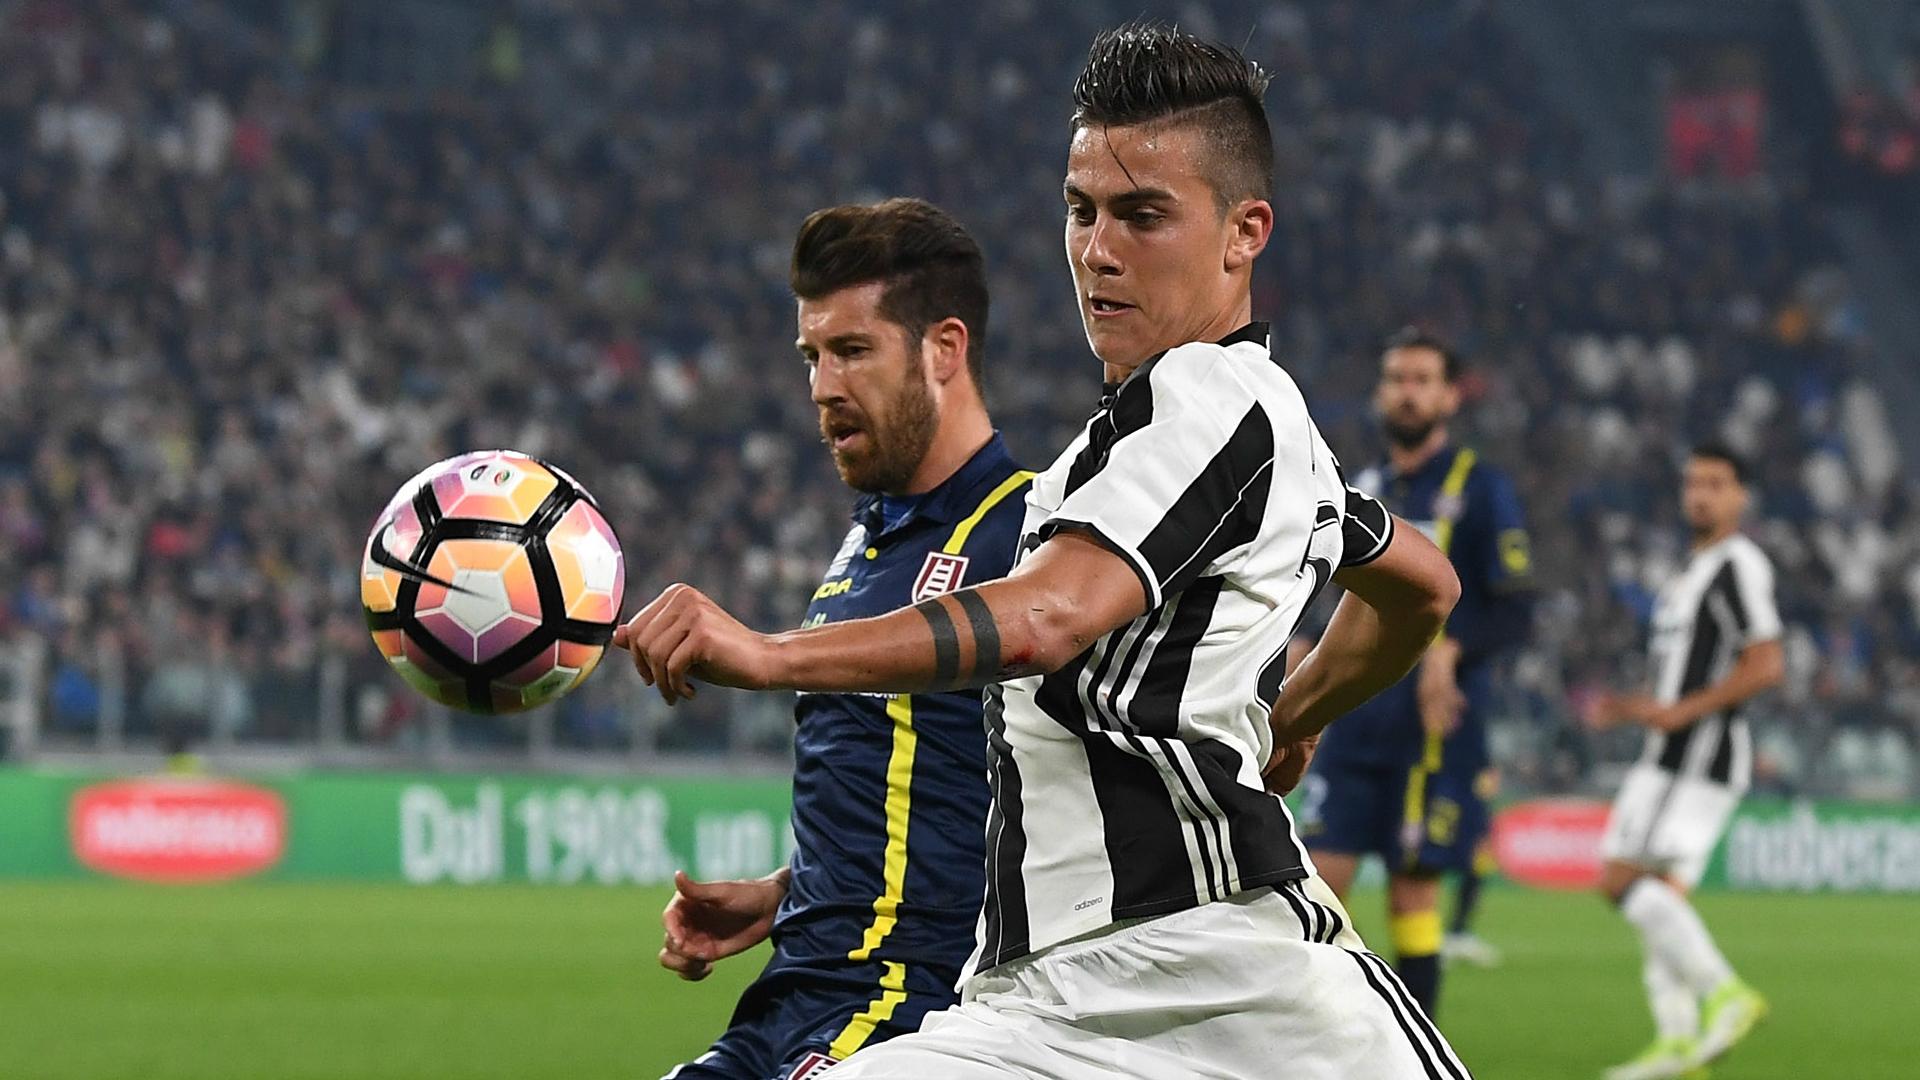 Spolli Dybala Juventus Chievo Serie A